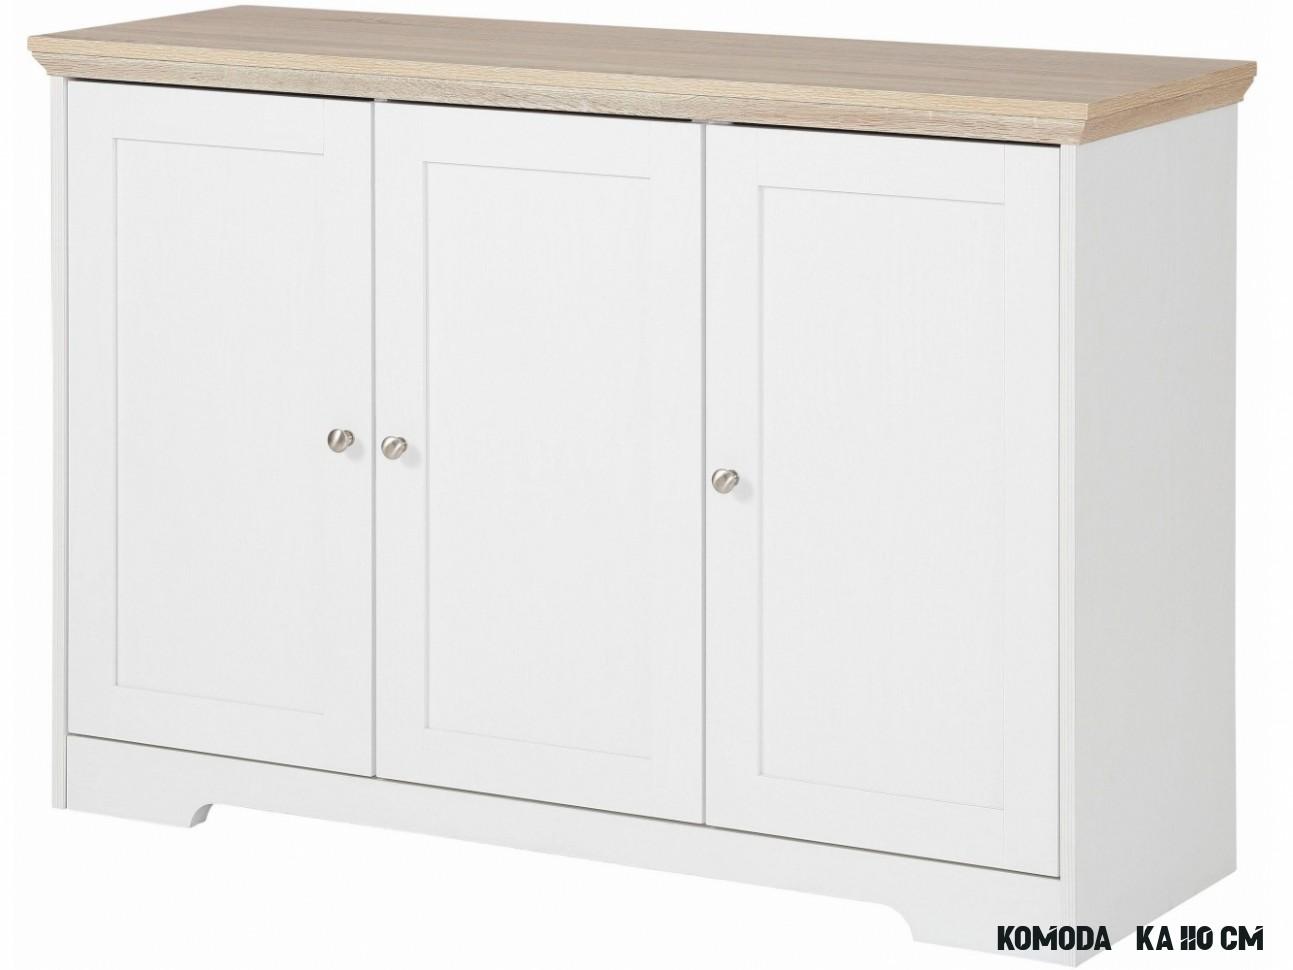 Komoda Nana, 13 cm, bílá  Nábytek DIREKT  Designový nábytek